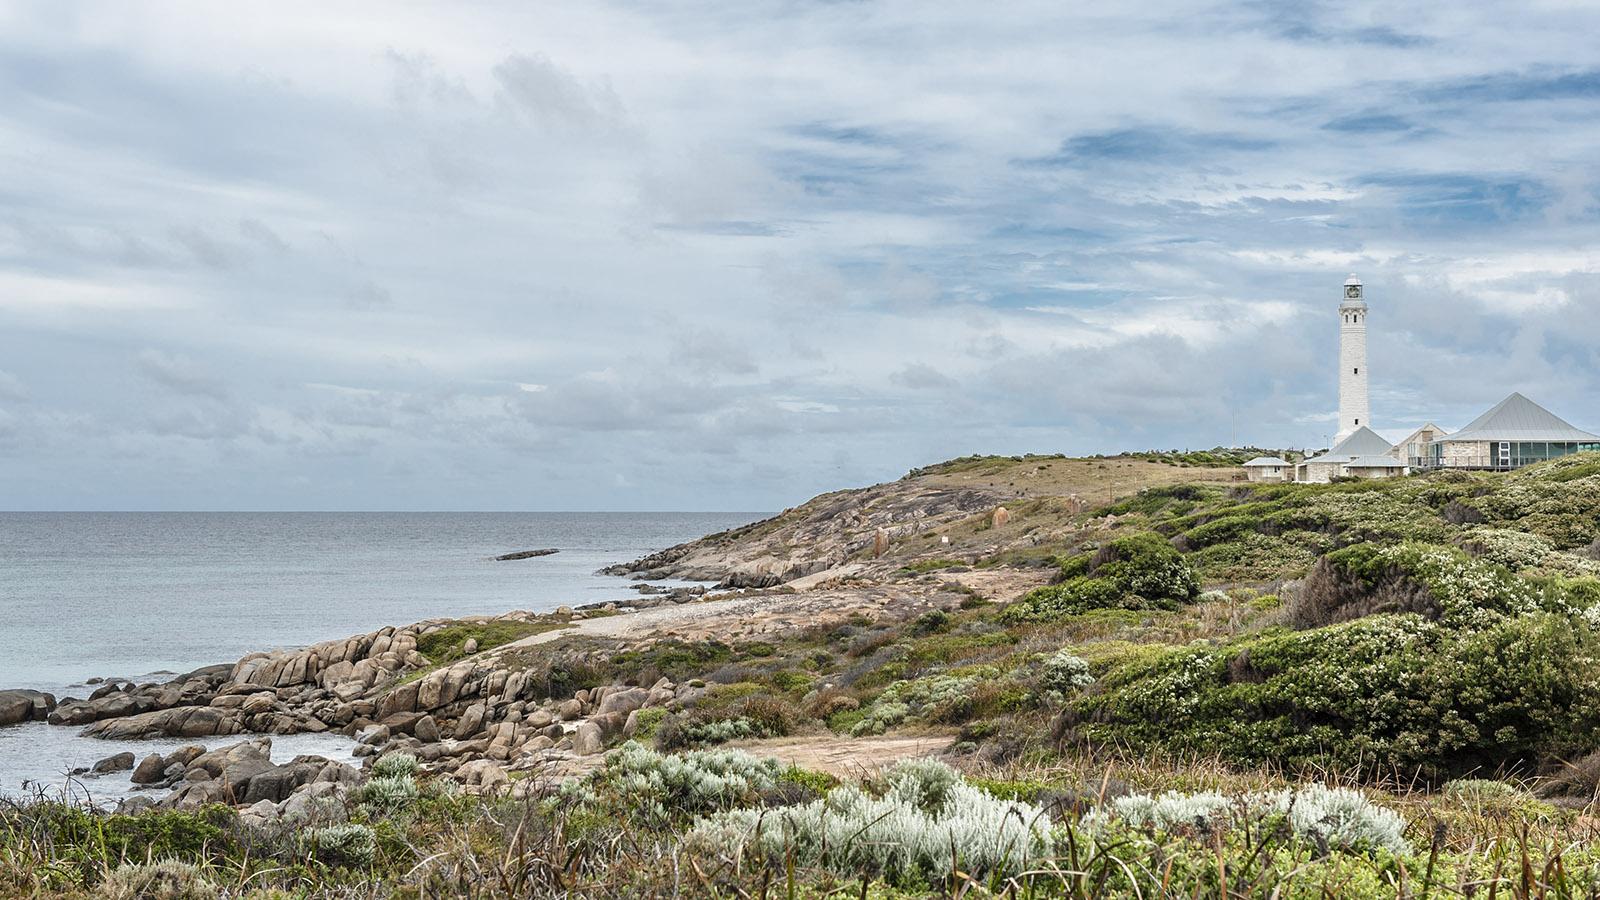 Australische Leuchttürme: Der Leuchtturm von Cape Leeuwin an der Westspitze des Kontinents. Foto: Hilke Maunder